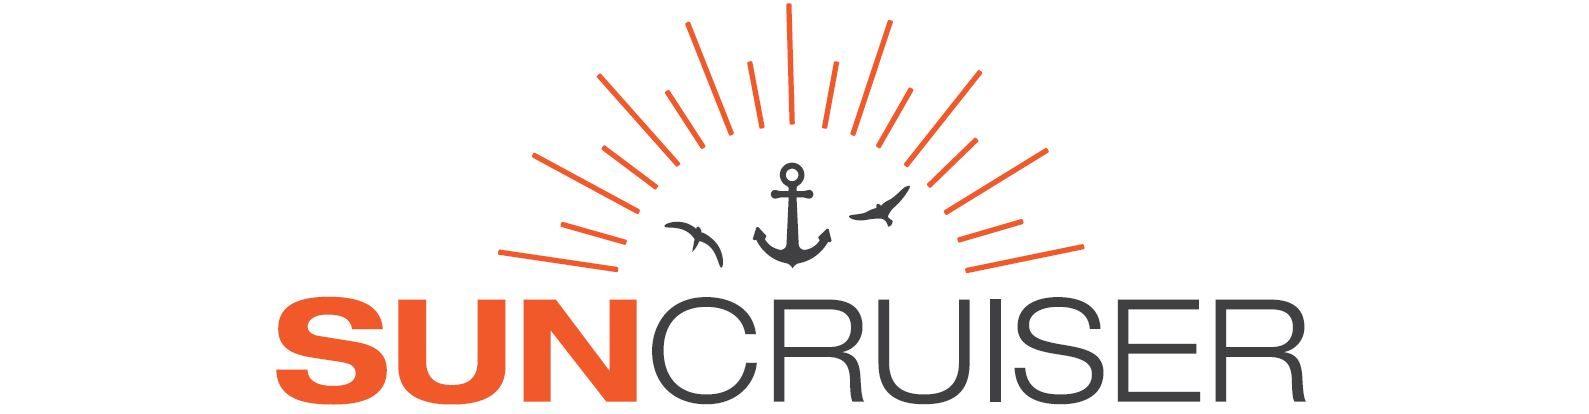 www.suncruiser.dk